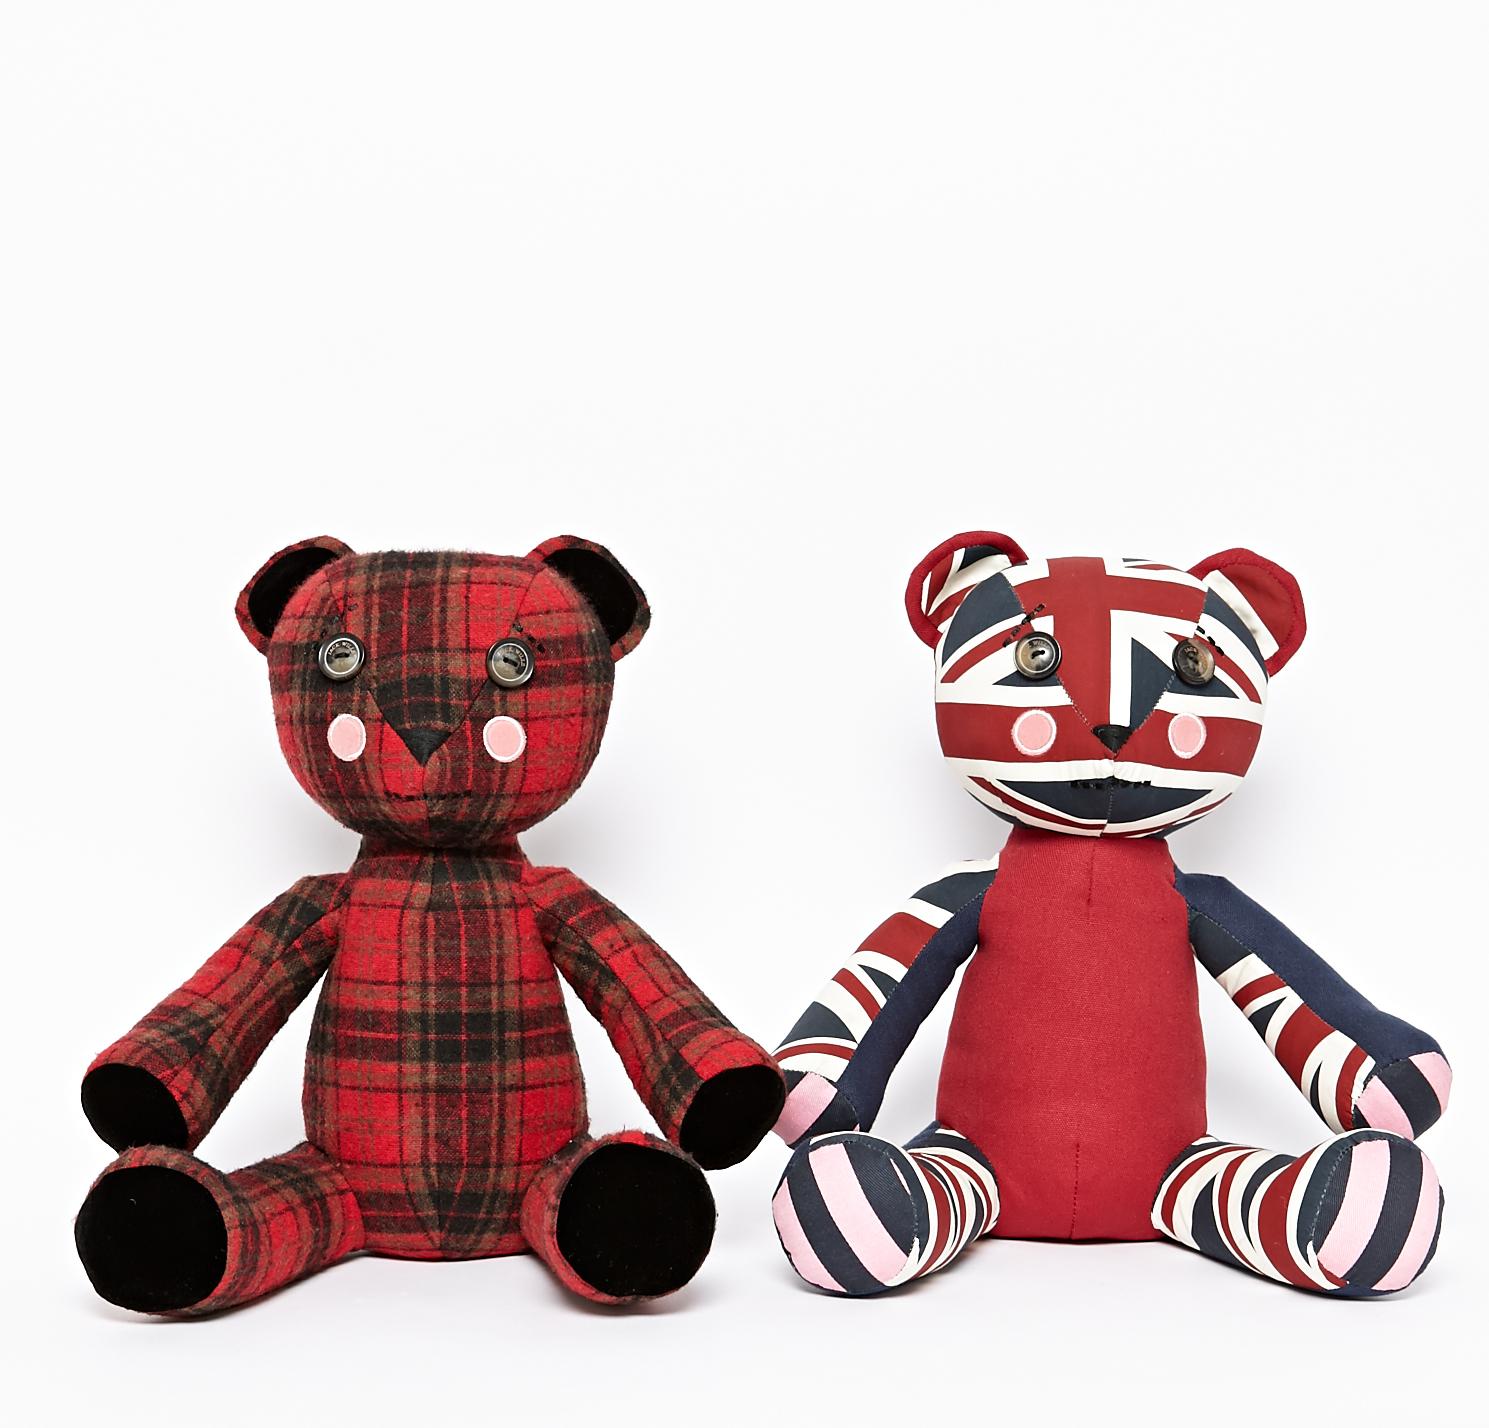 Jack Wills Christmas Teddy Bears 2 HK$370 Each.jpg